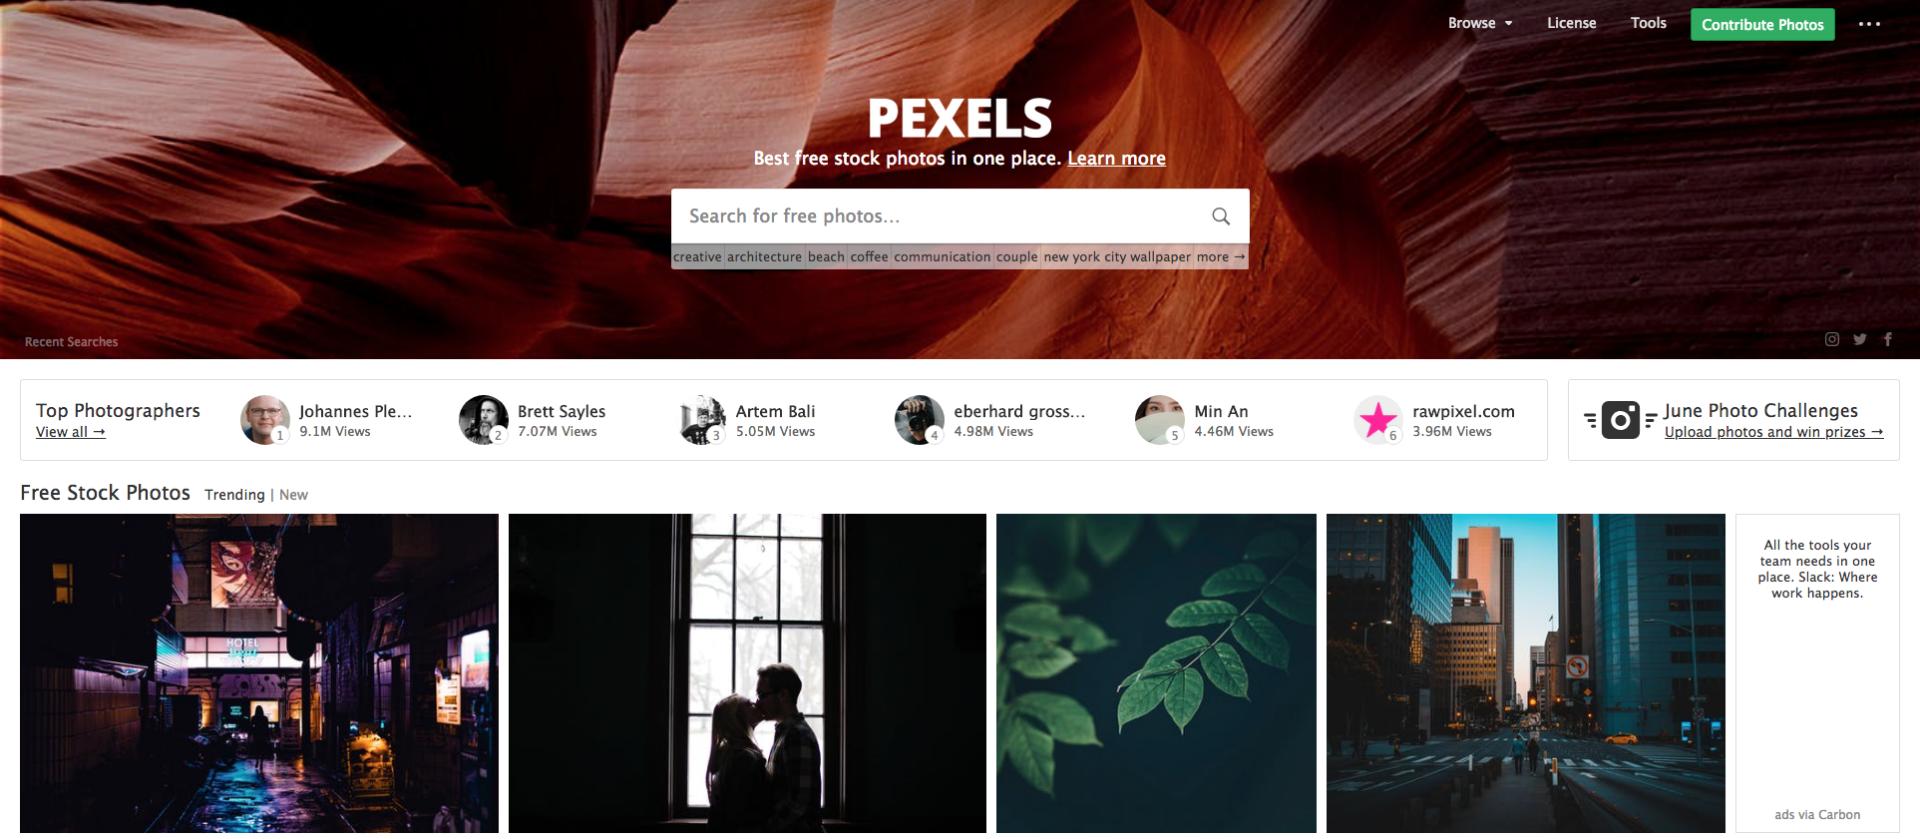 Banque d'images libres de droits Pexels